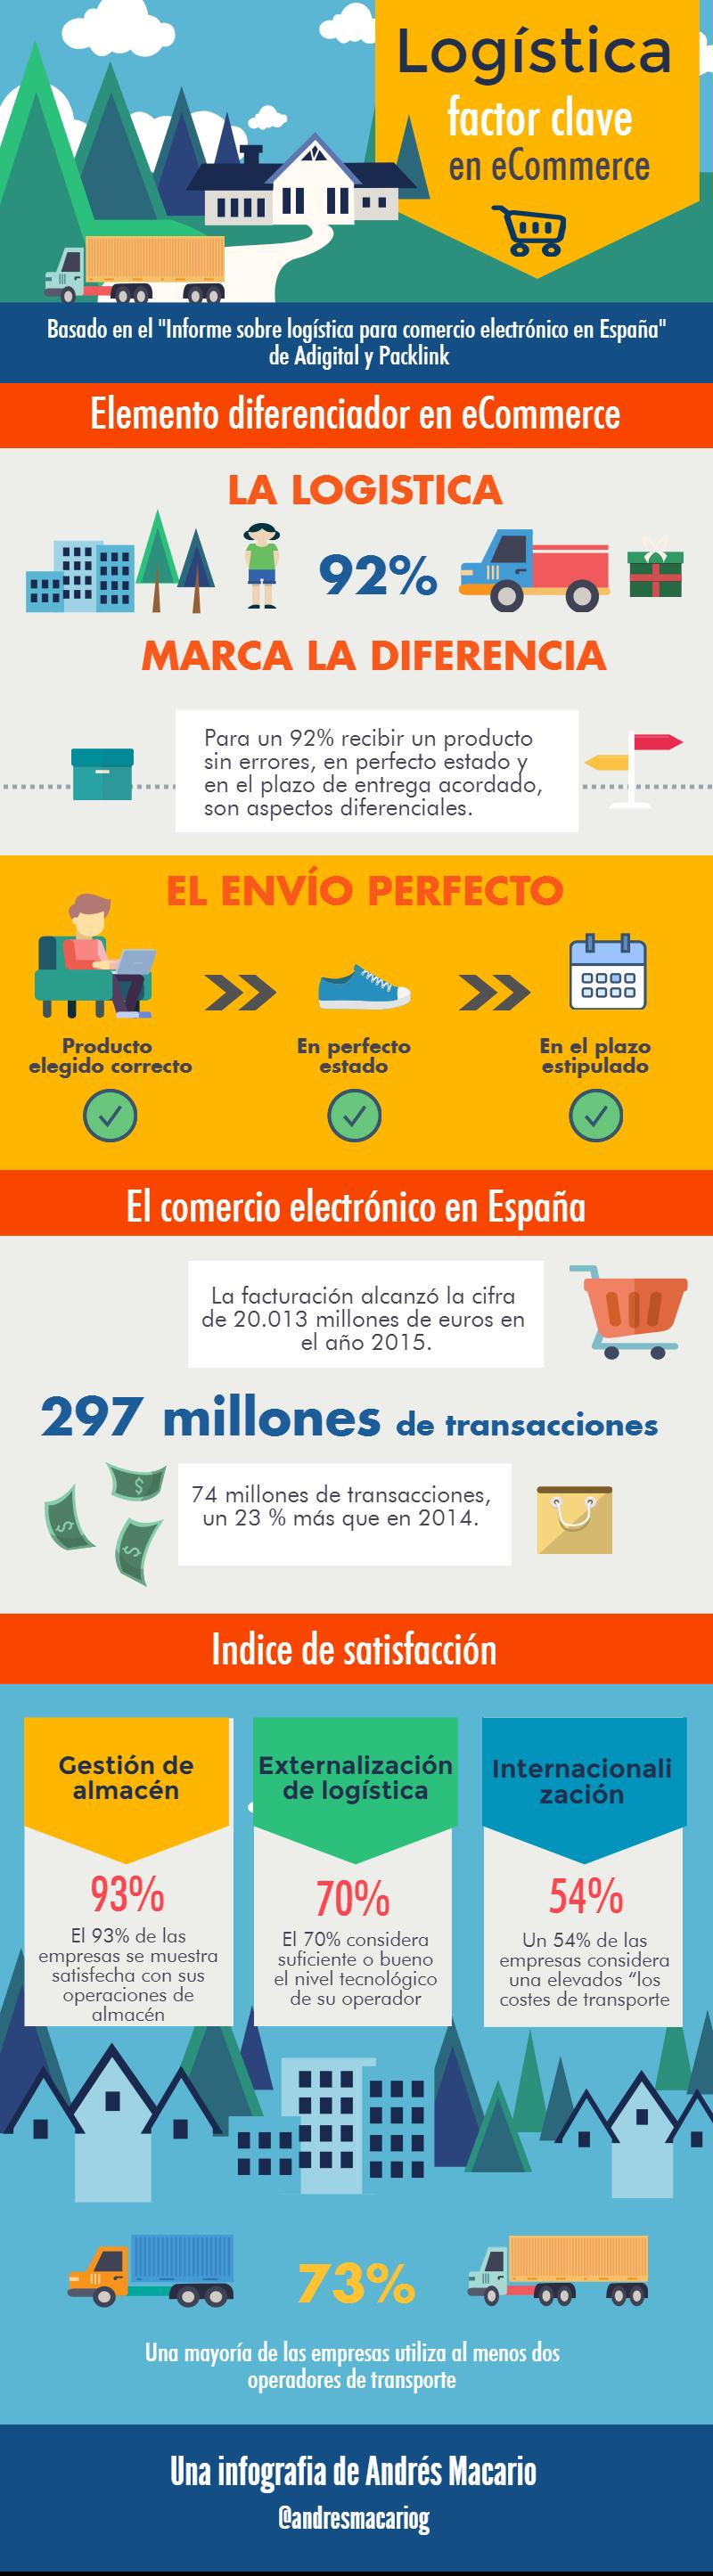 Logística: factor clave para el Comercio Electrónico